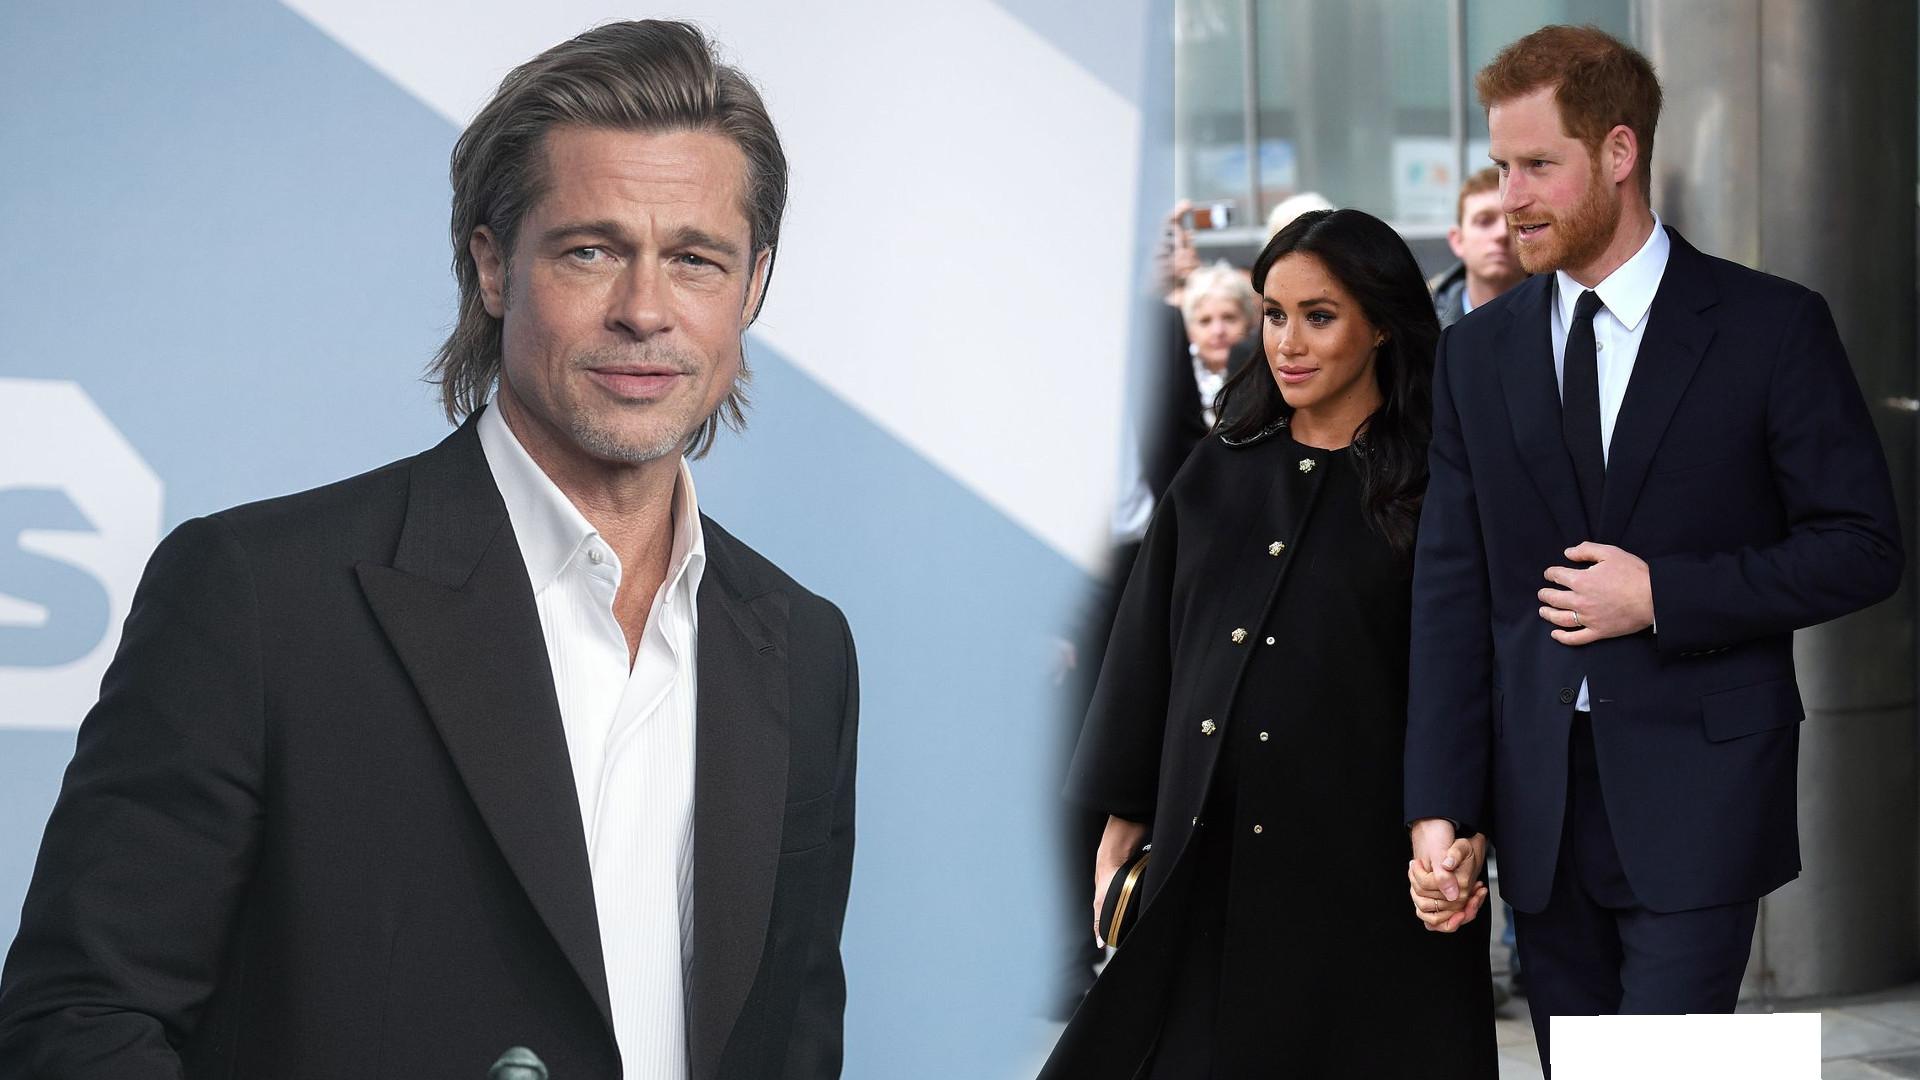 Brad Pitt żartuje sobie z Meghan Markle i Księcia Harry'ego na BAFTA 2020. Wiedzieliście, że ma takie poczucie humoru?